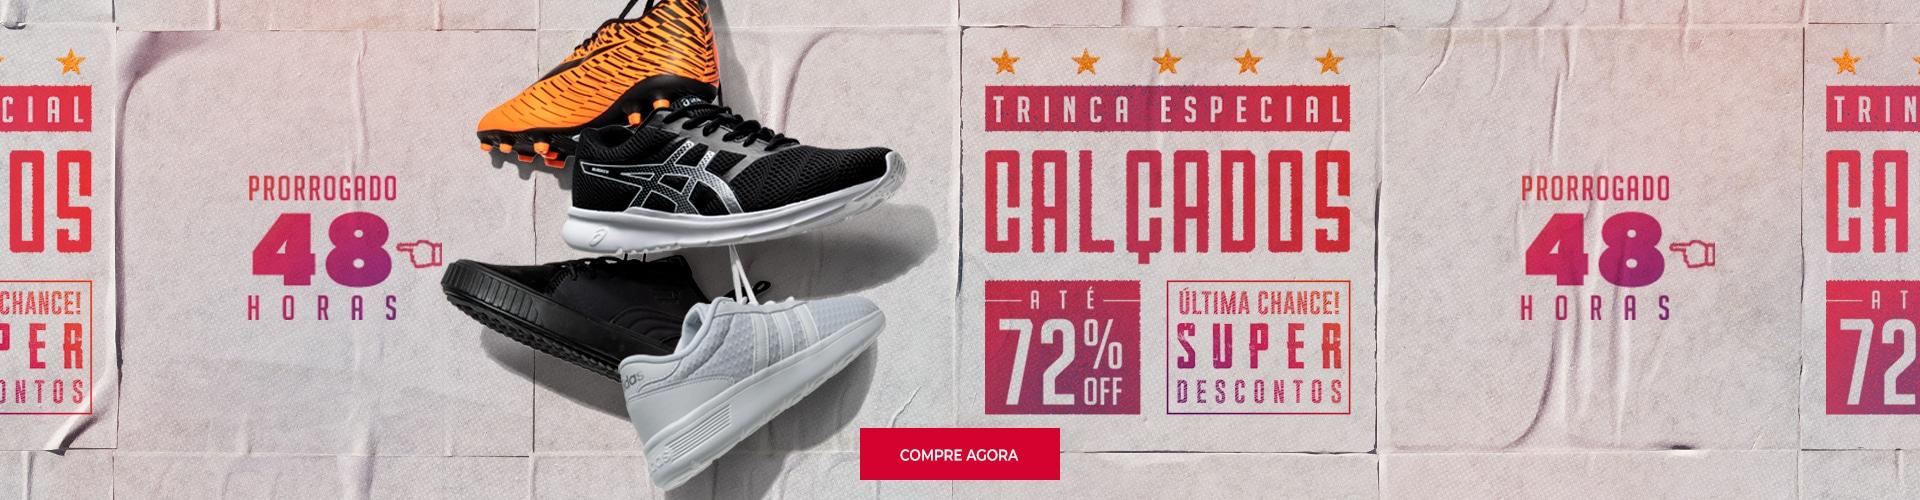 a31a0c0e72 Centauro Loja de Esportes - Nike